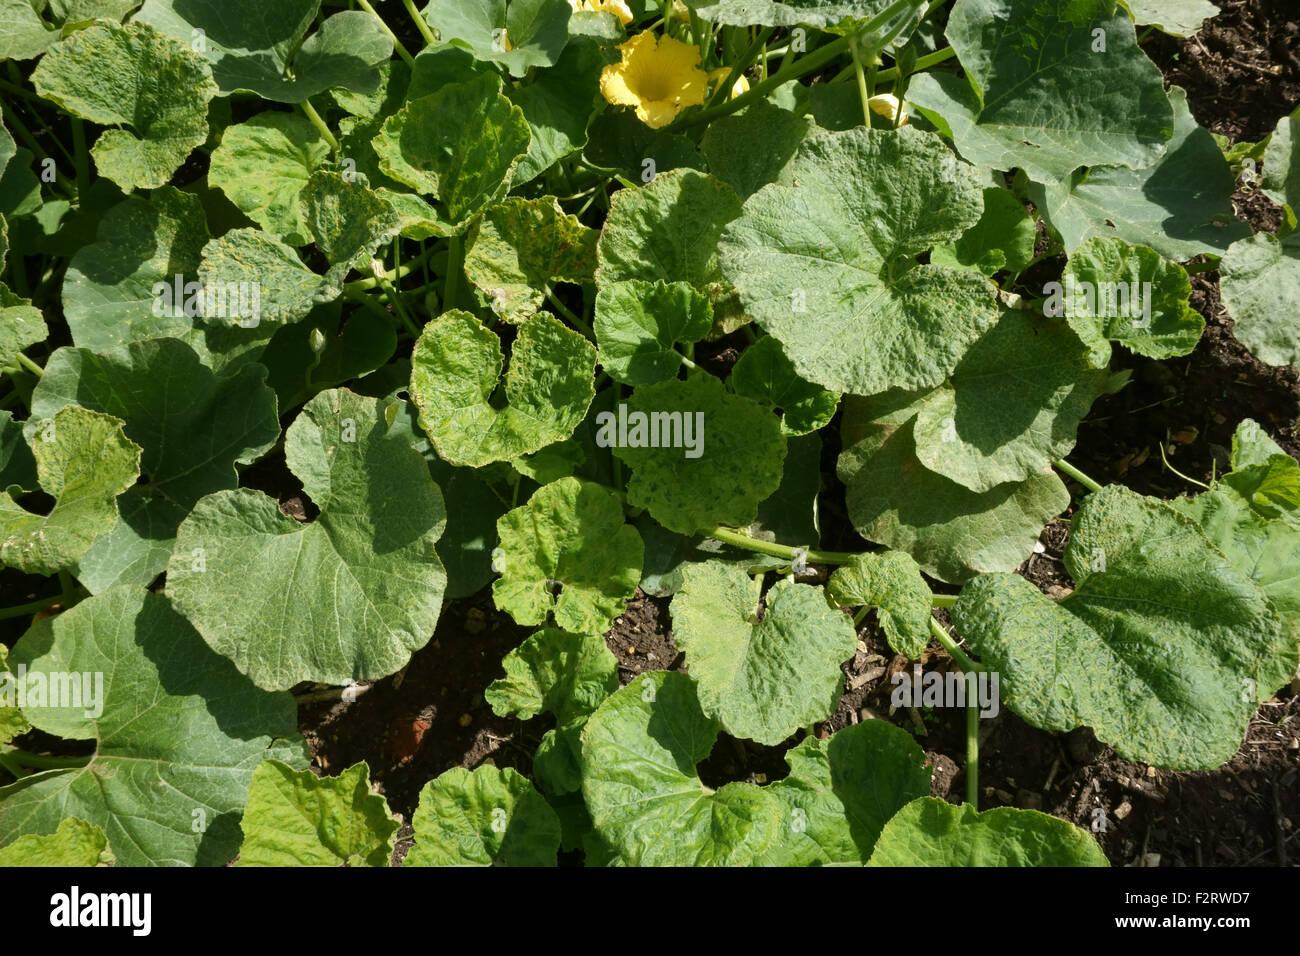 Du virus de la mosaïque du concombre, le CMV, les symptômes sur une courge Cucurbita spp., usine, Hampshire, Photo Stock